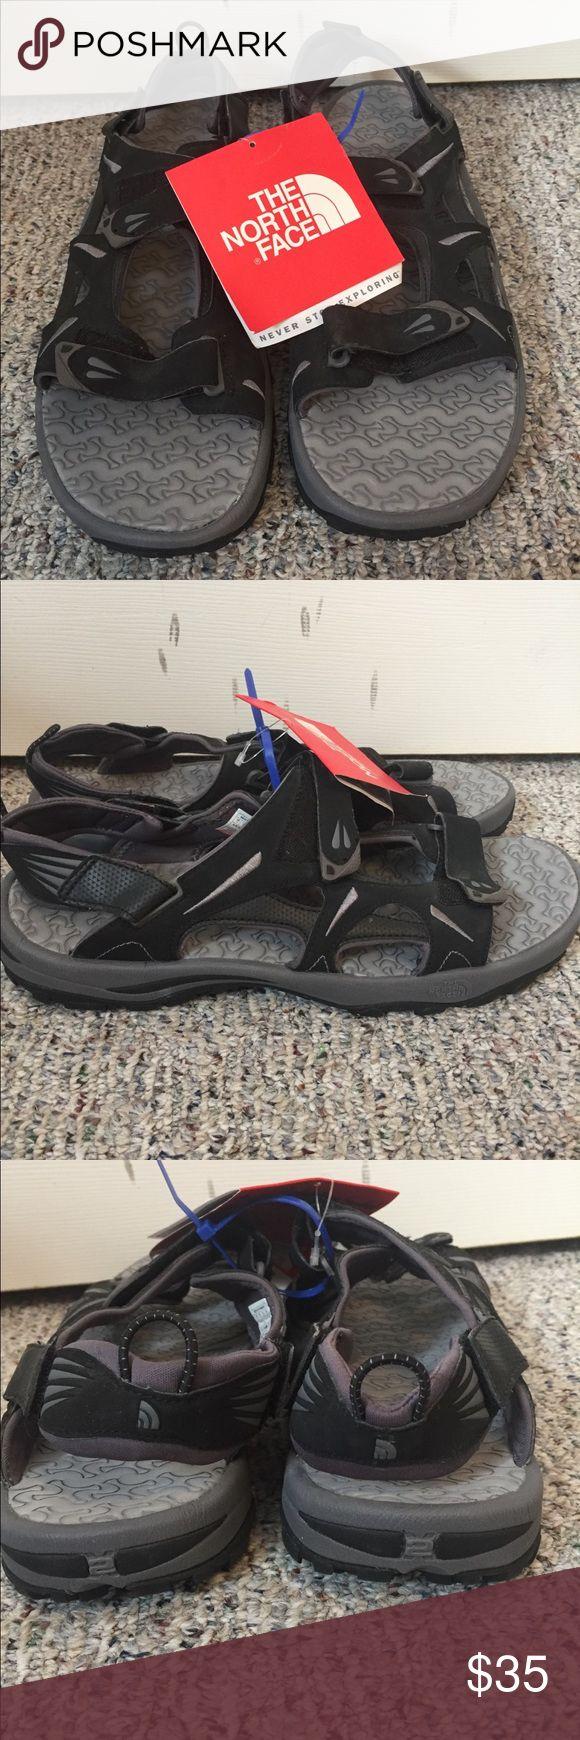 Nehmen Billig Dunkel Schwarz Schuhe Rot True Billig Deal Air Jordan 9 Charcoal 302370005